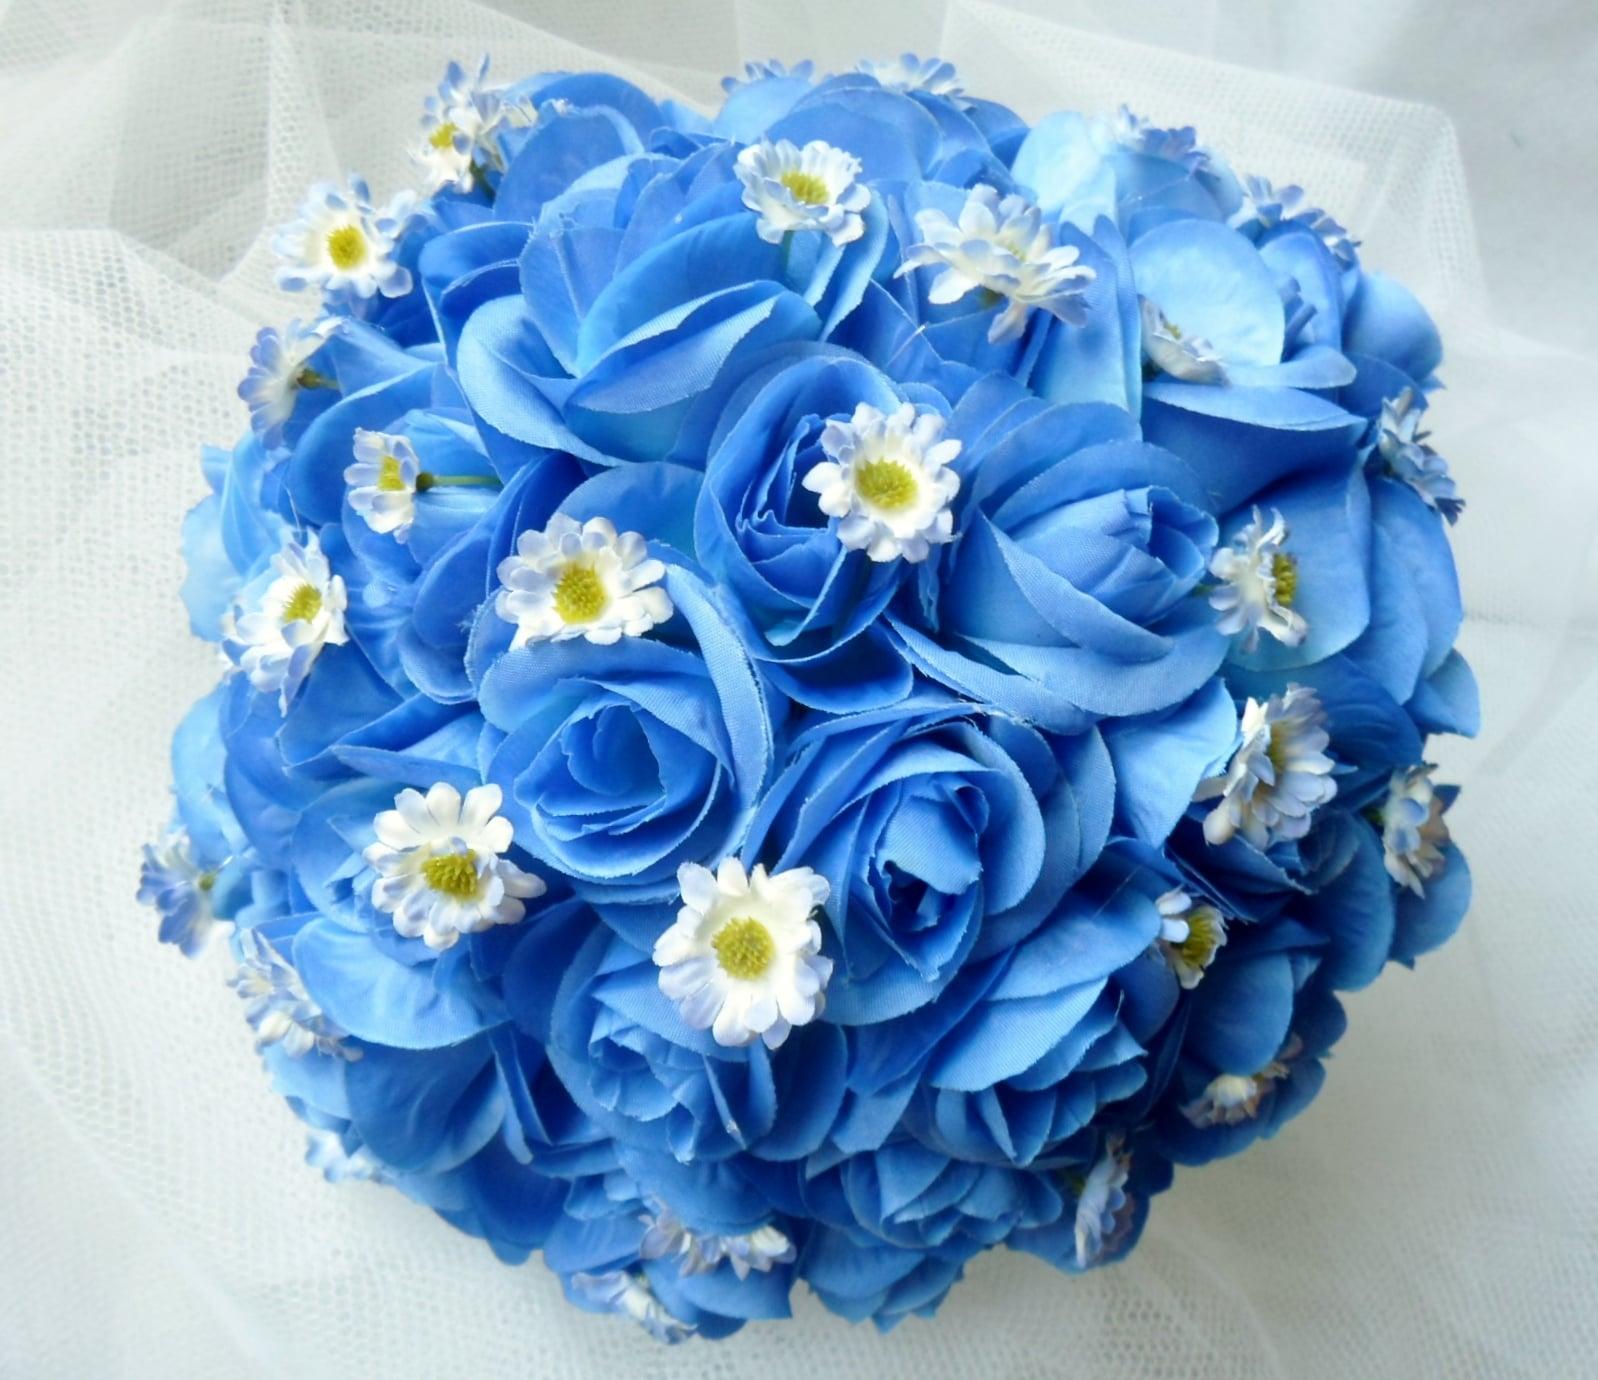 Buquês de rosas azuis